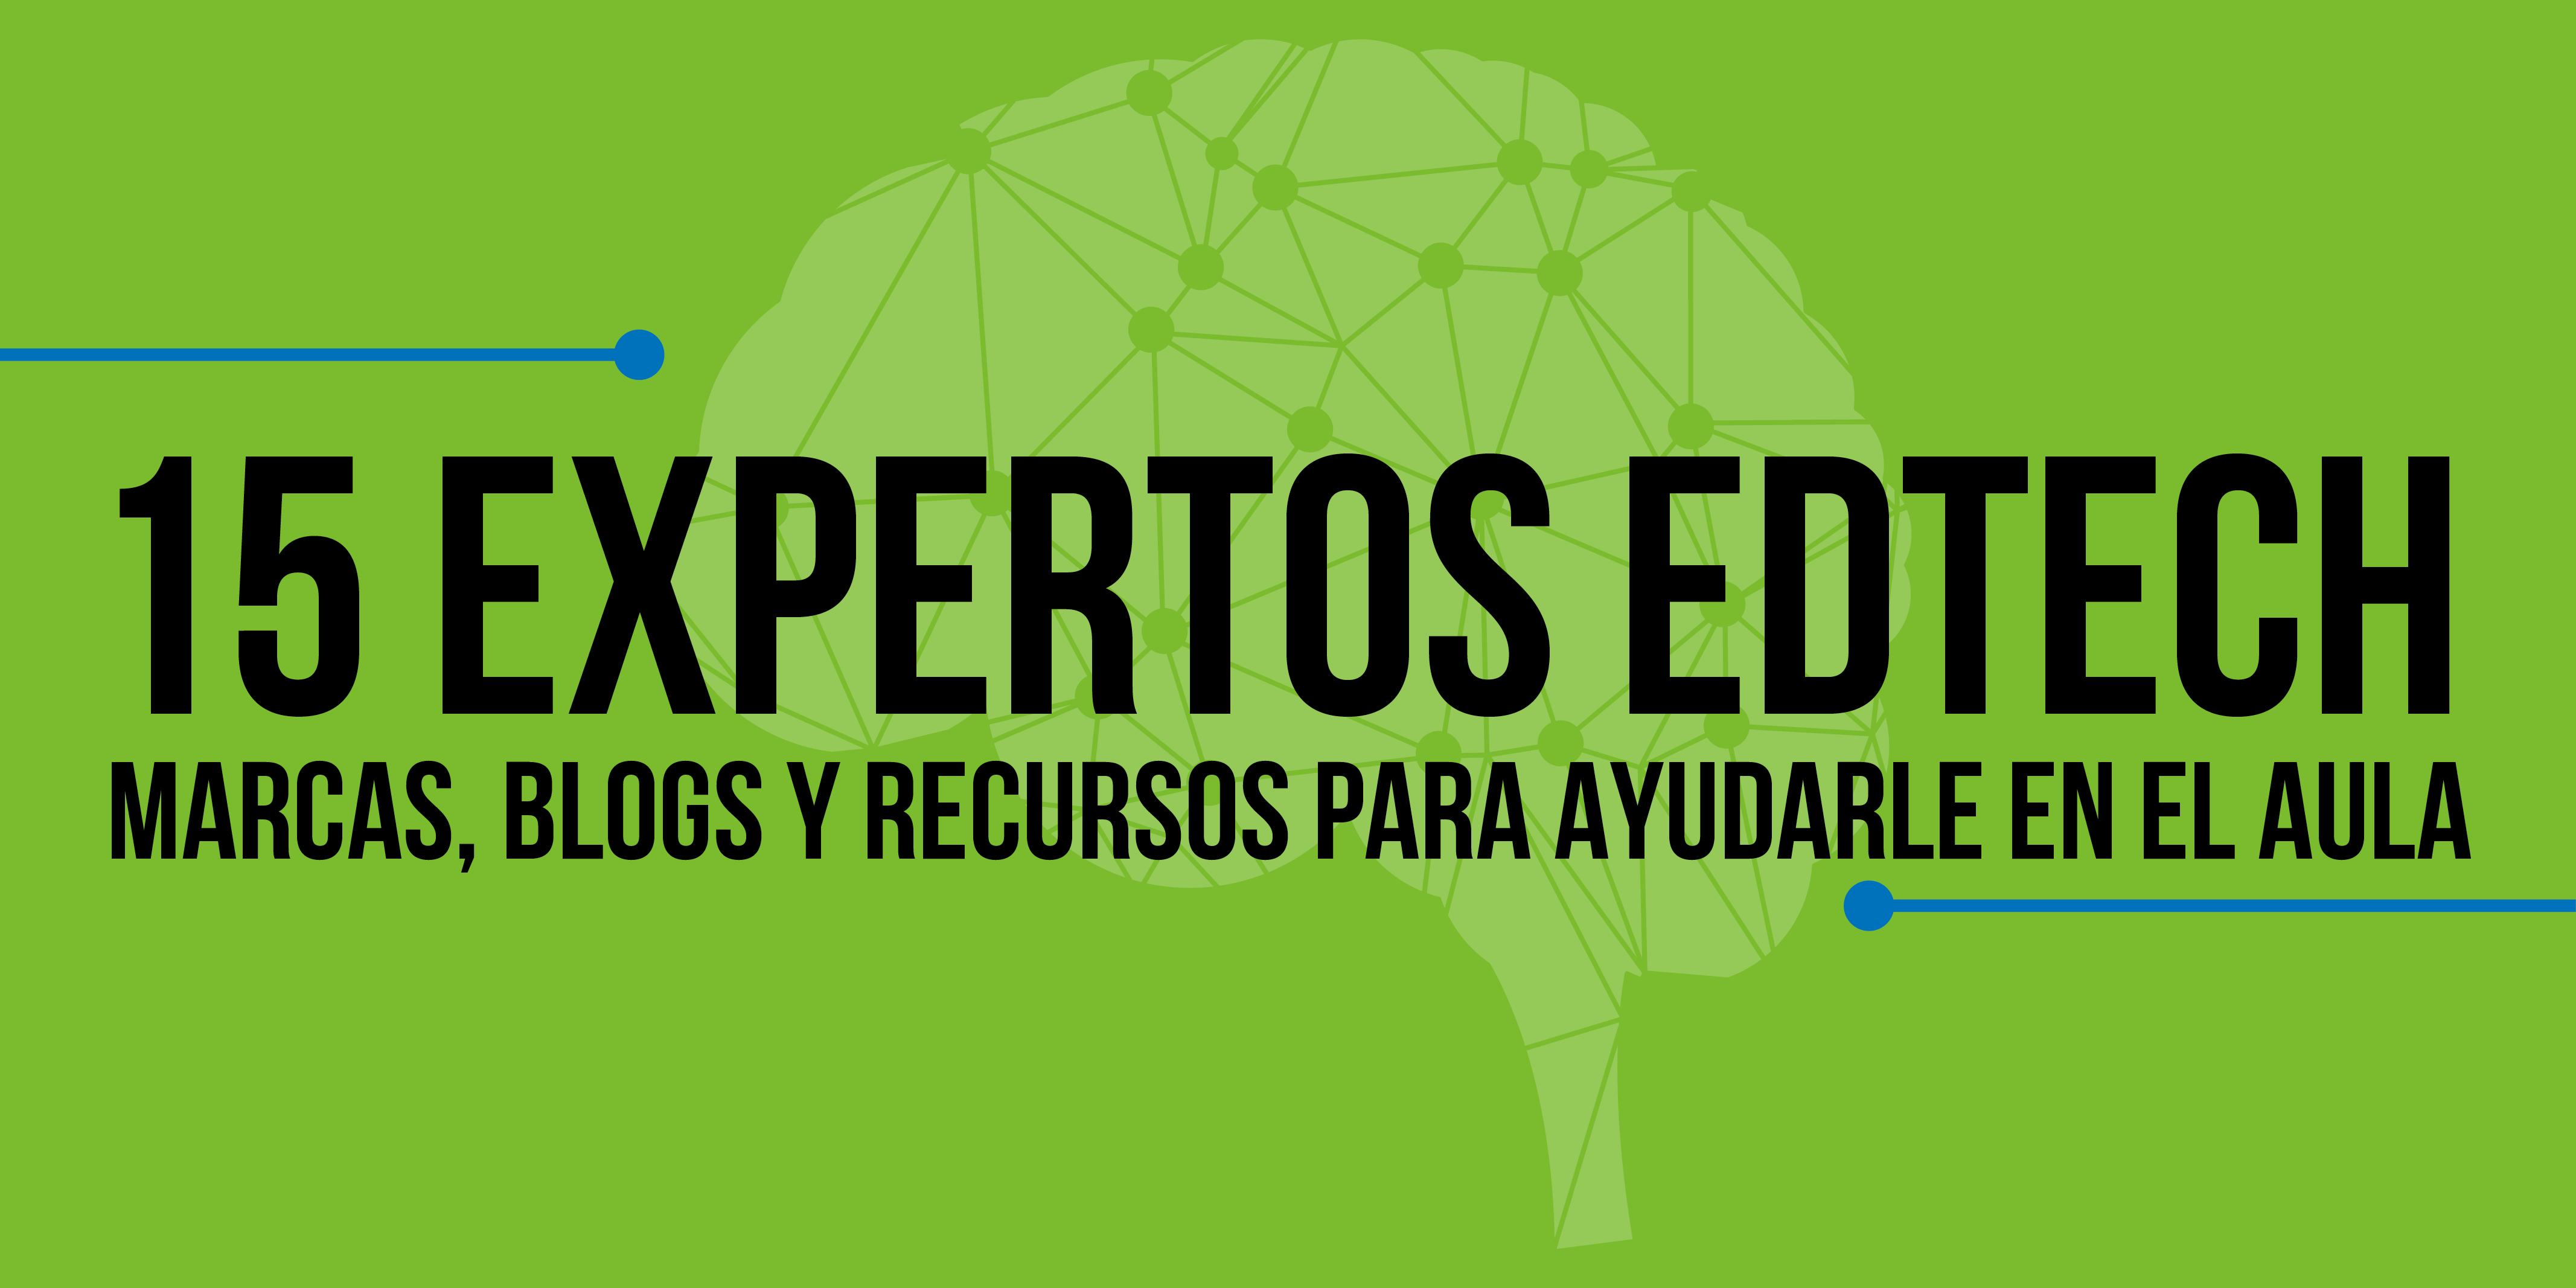 15 Expertos de EdTech: Marcas, Blogs y Recursos para Ayudarle en el Aula